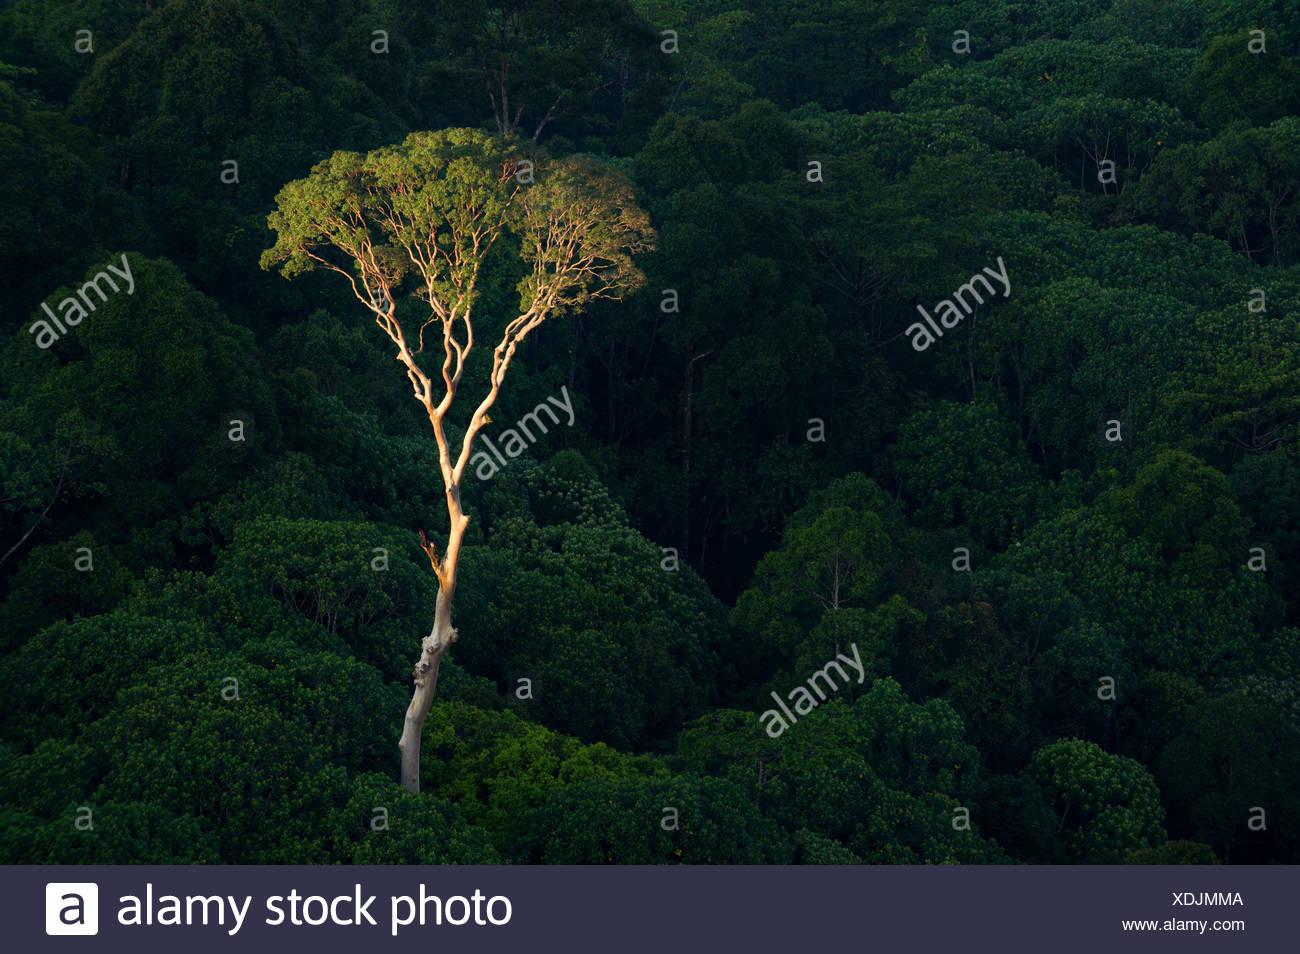 Árbol Menggaris emergentes sobresaliendo del dosel del bosque Dipterocarp de tierras bajas. Corazón del valle Danum, Sabah, Borneo. Imagen De Stock